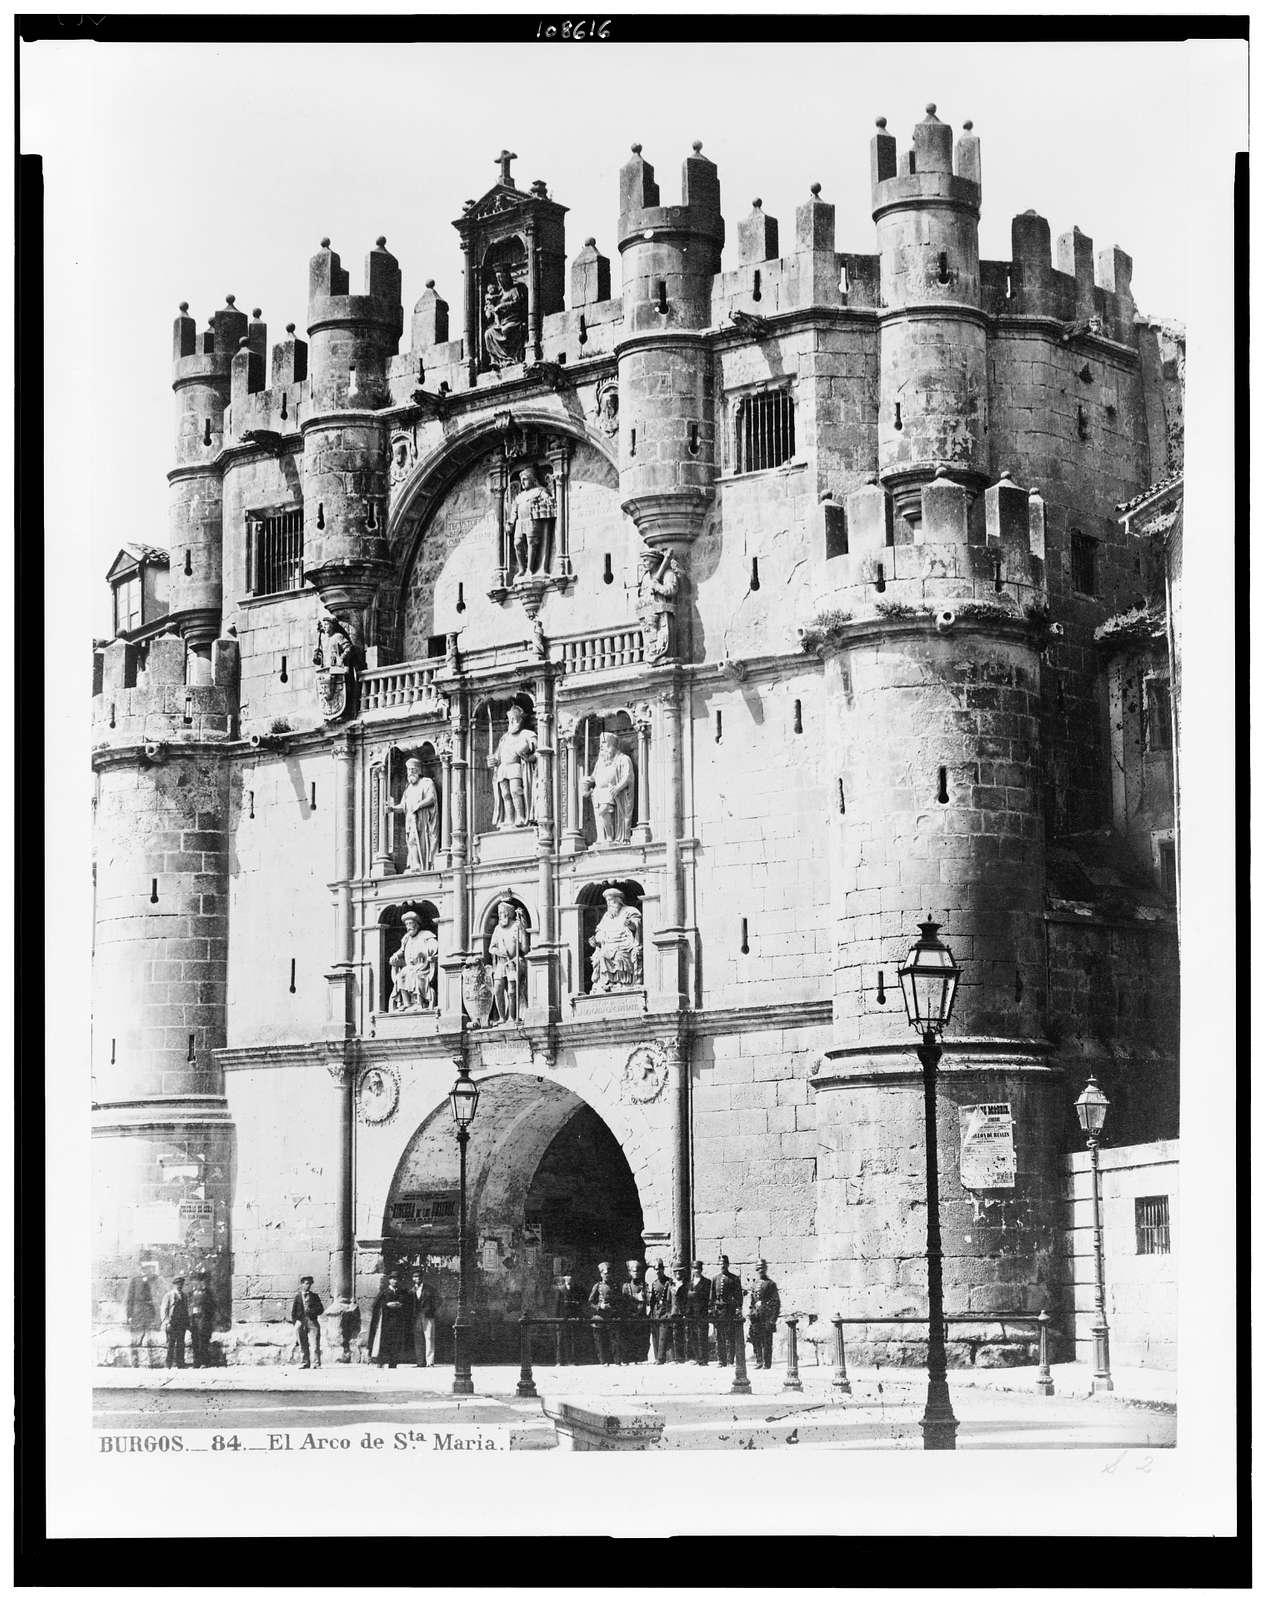 Burgos. El Arco de Sta. Maria